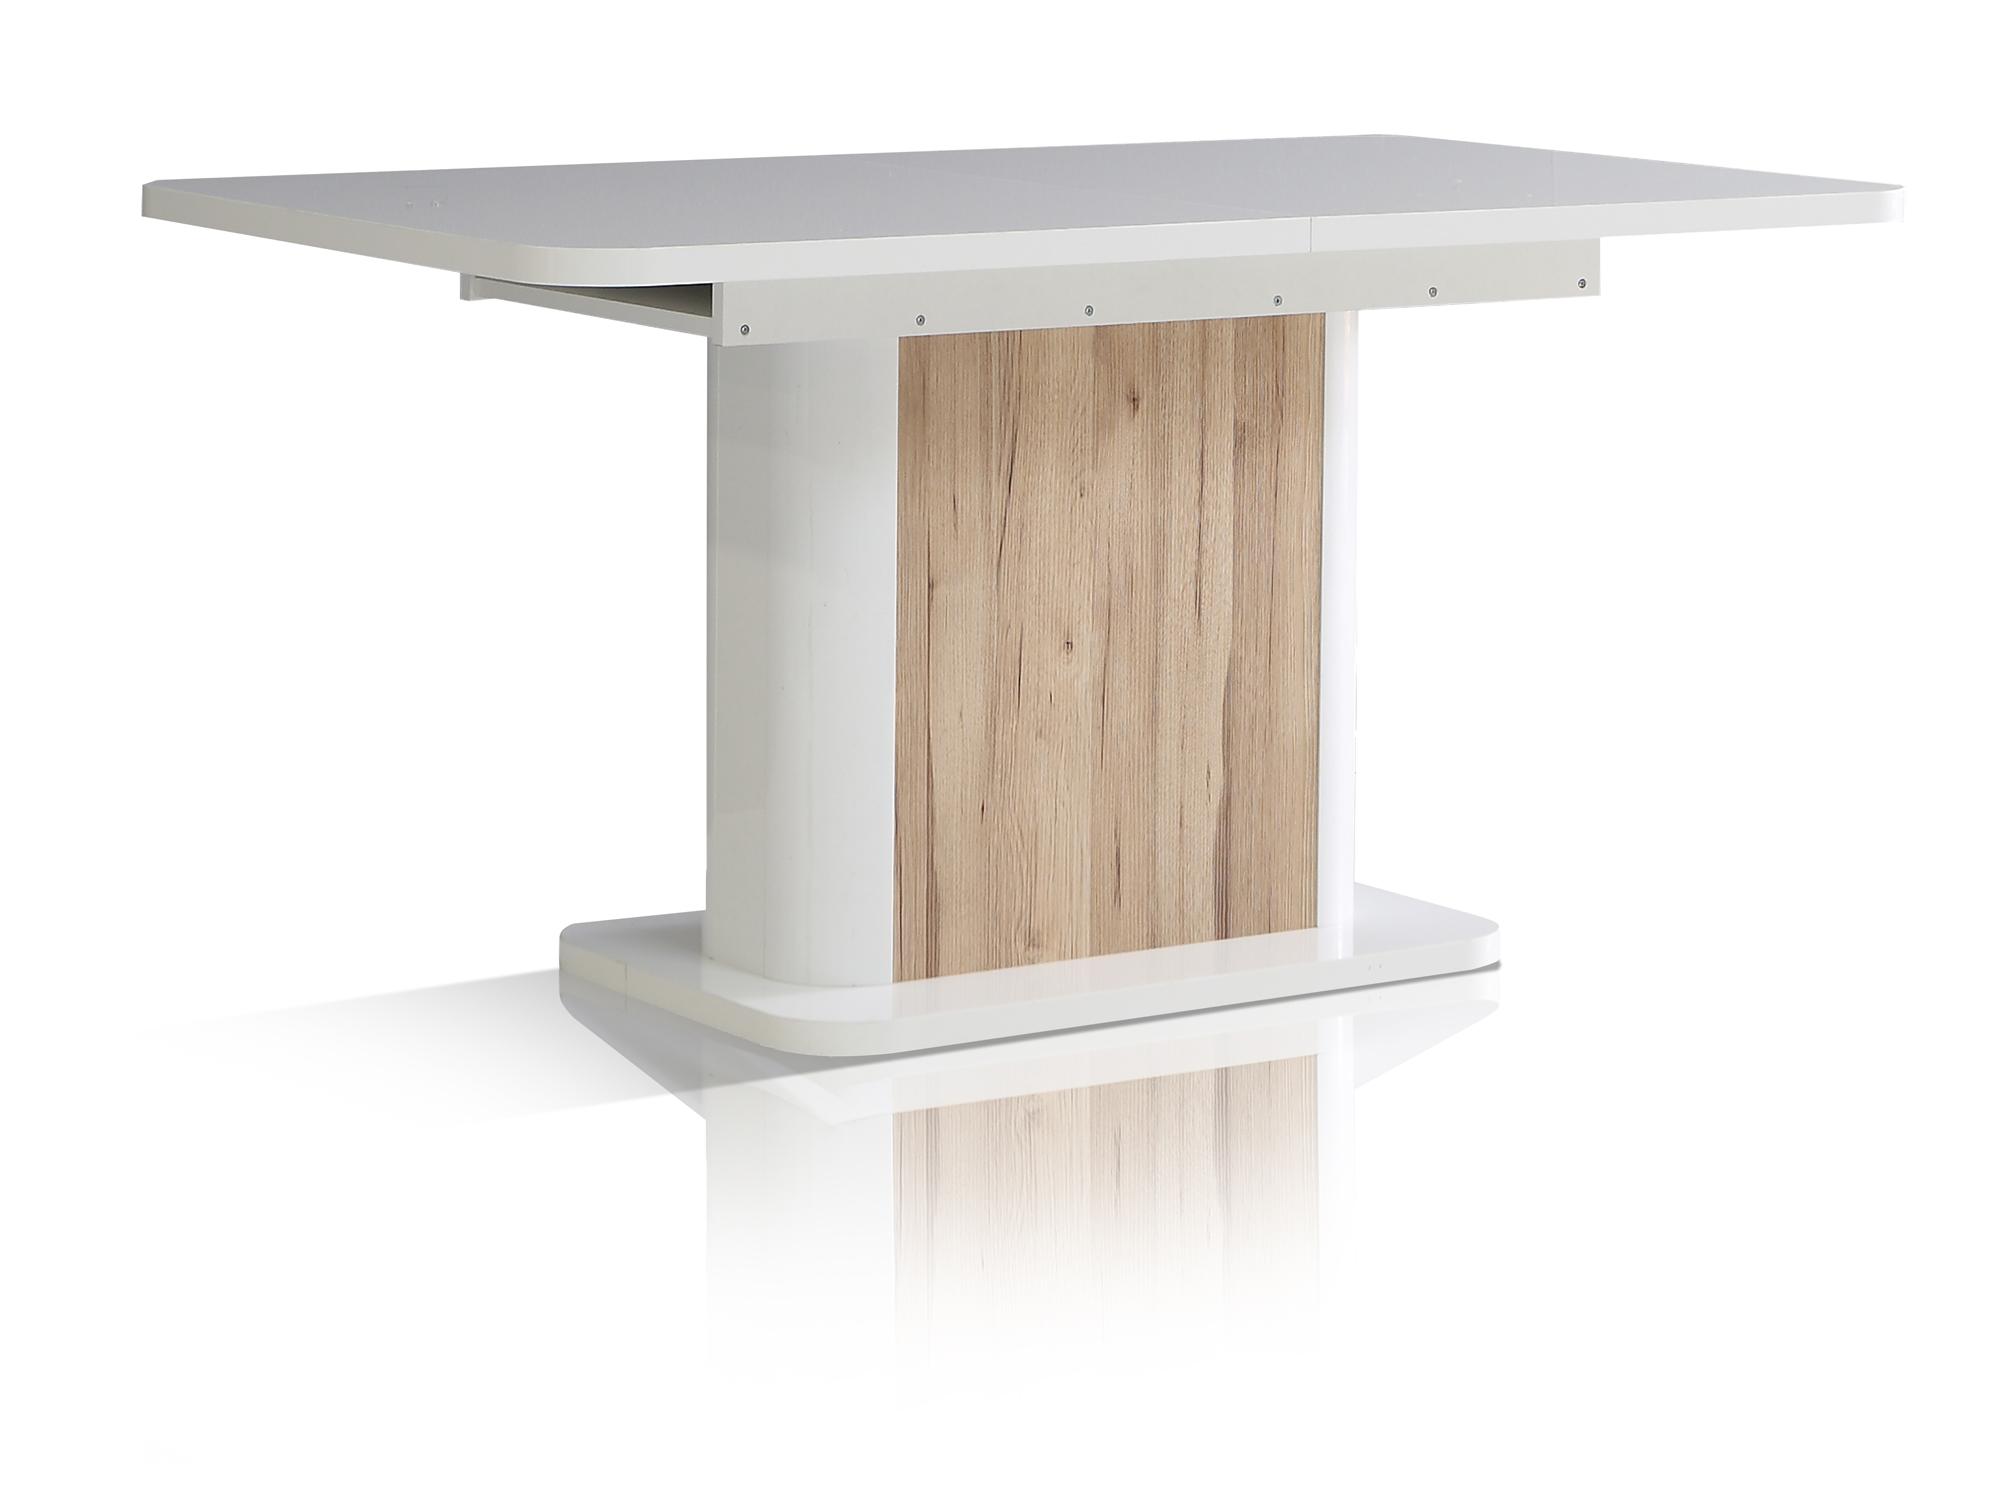 Esstisch eiche weiß ausziehbar  Esstisch Ausziehbar Auf 200 Cm Braun Weiß ~ CARPROLA for .